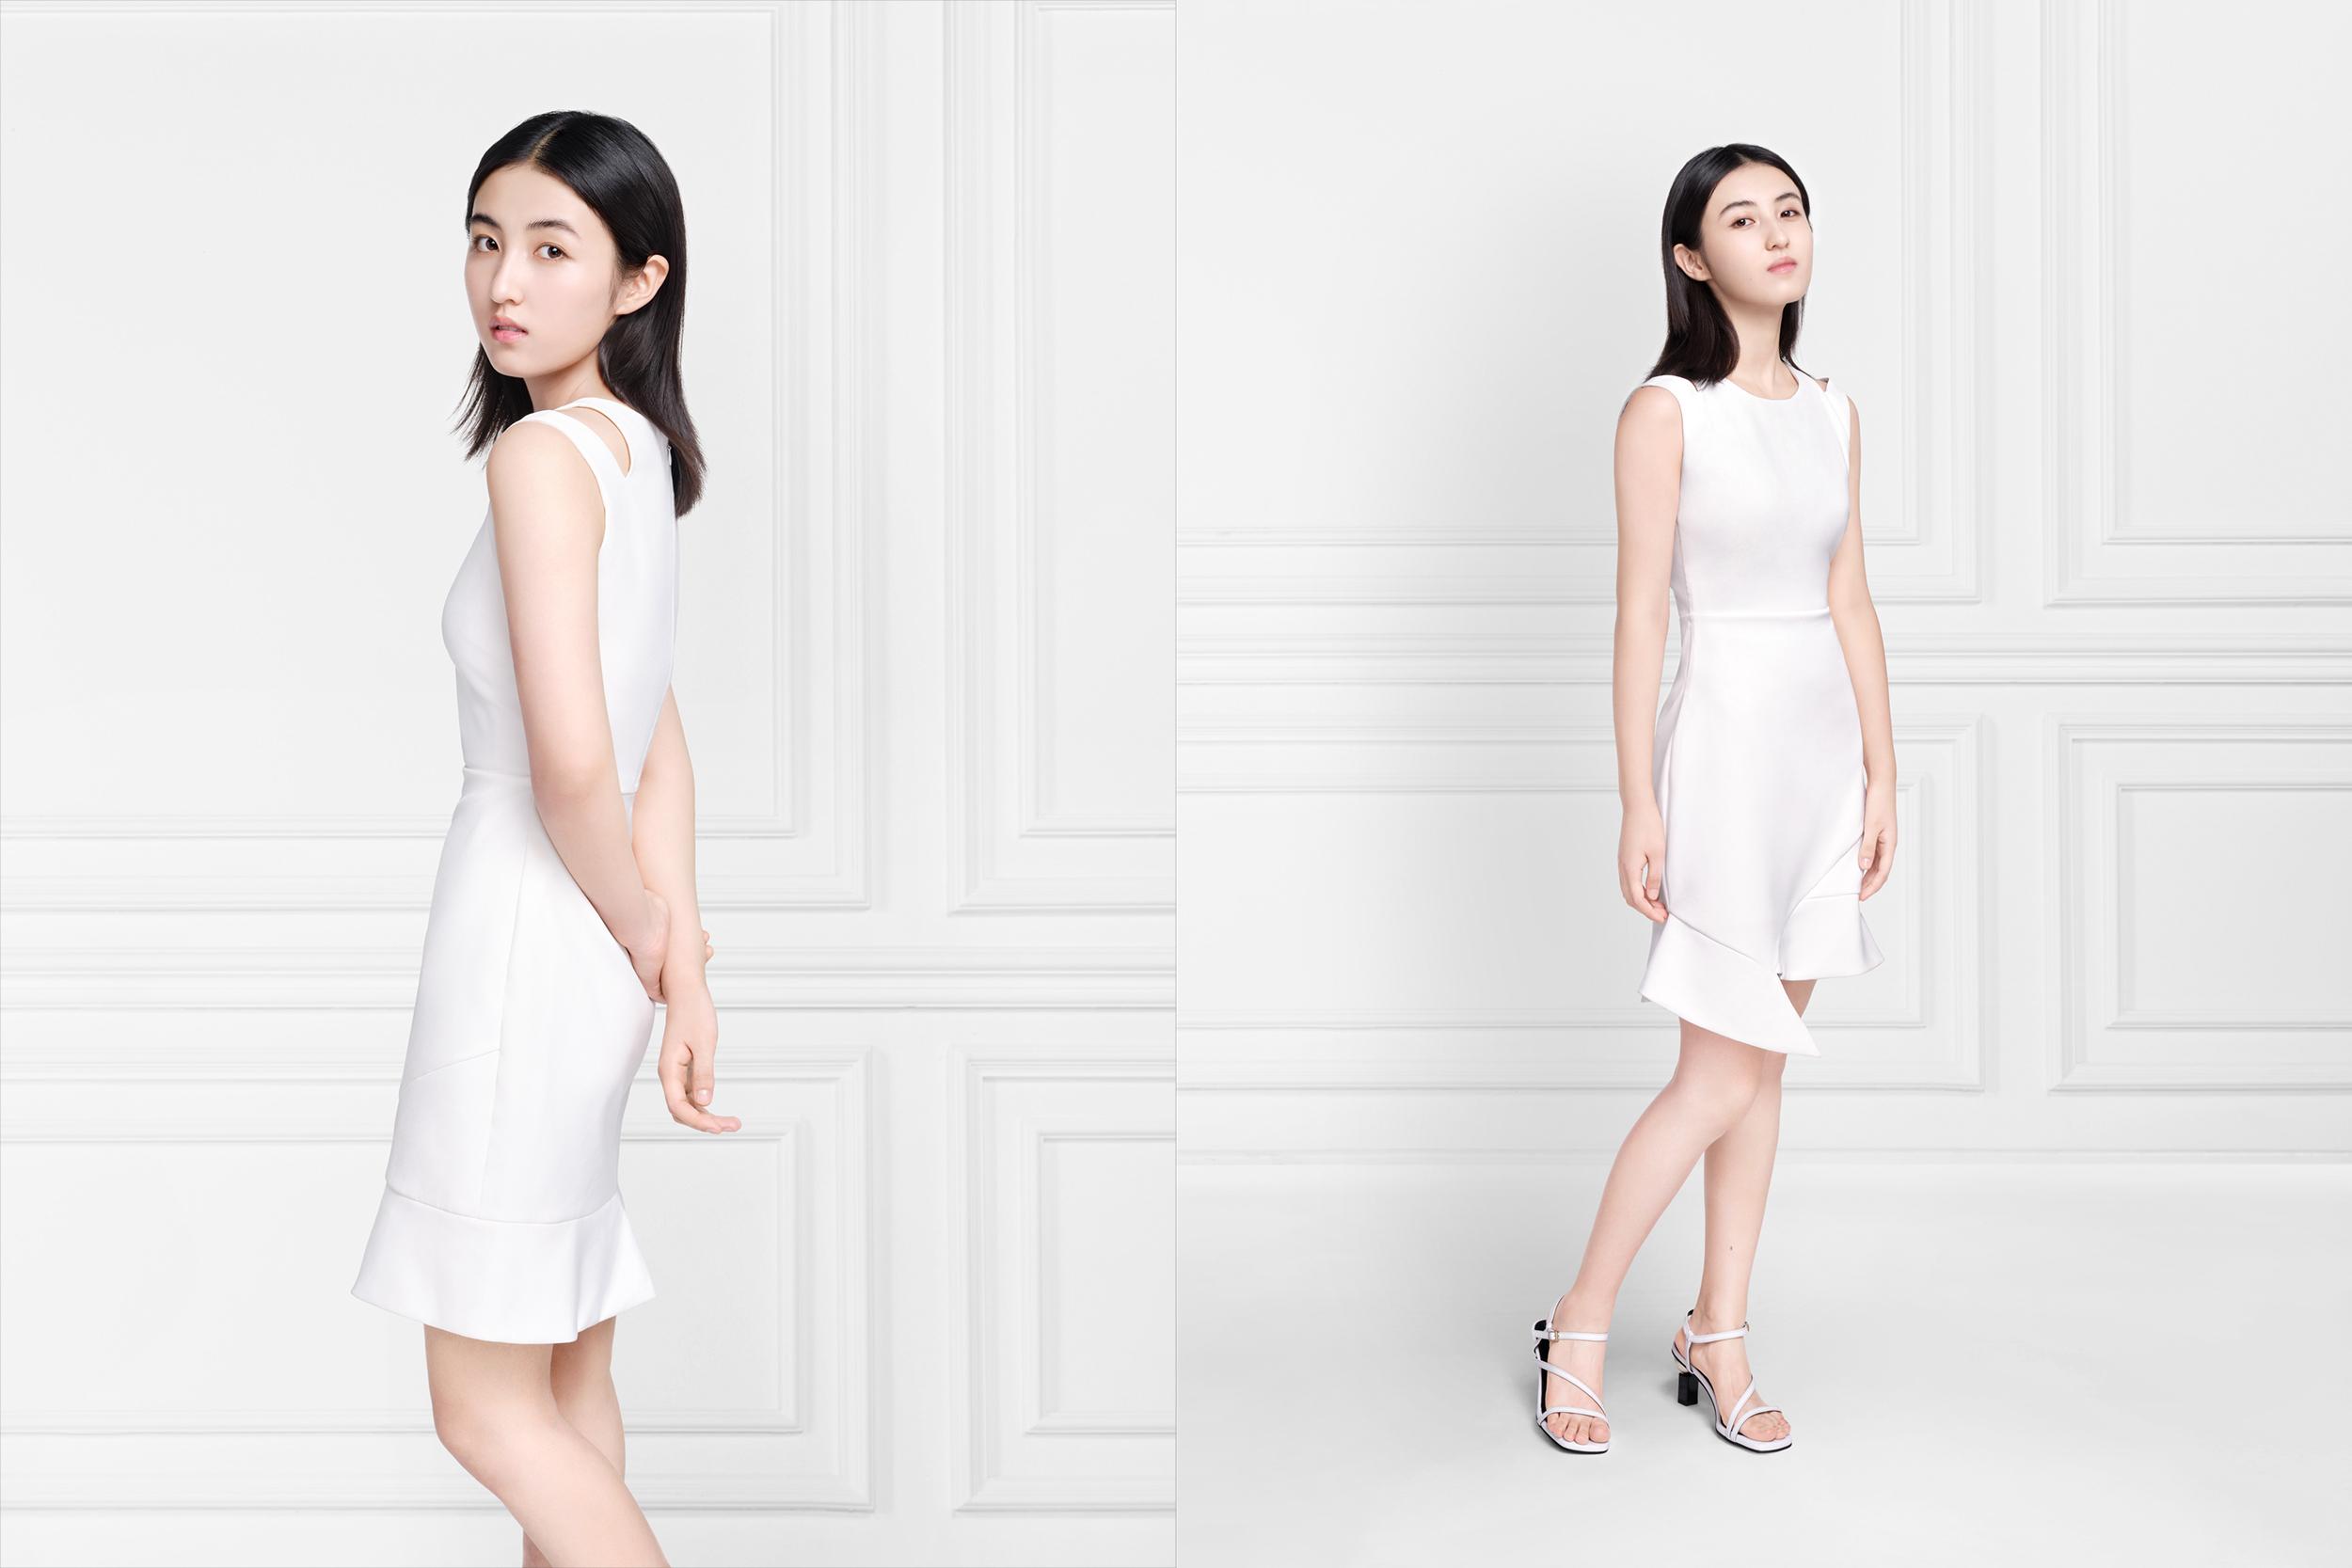 L'Oreal_Zhangzifeng_4